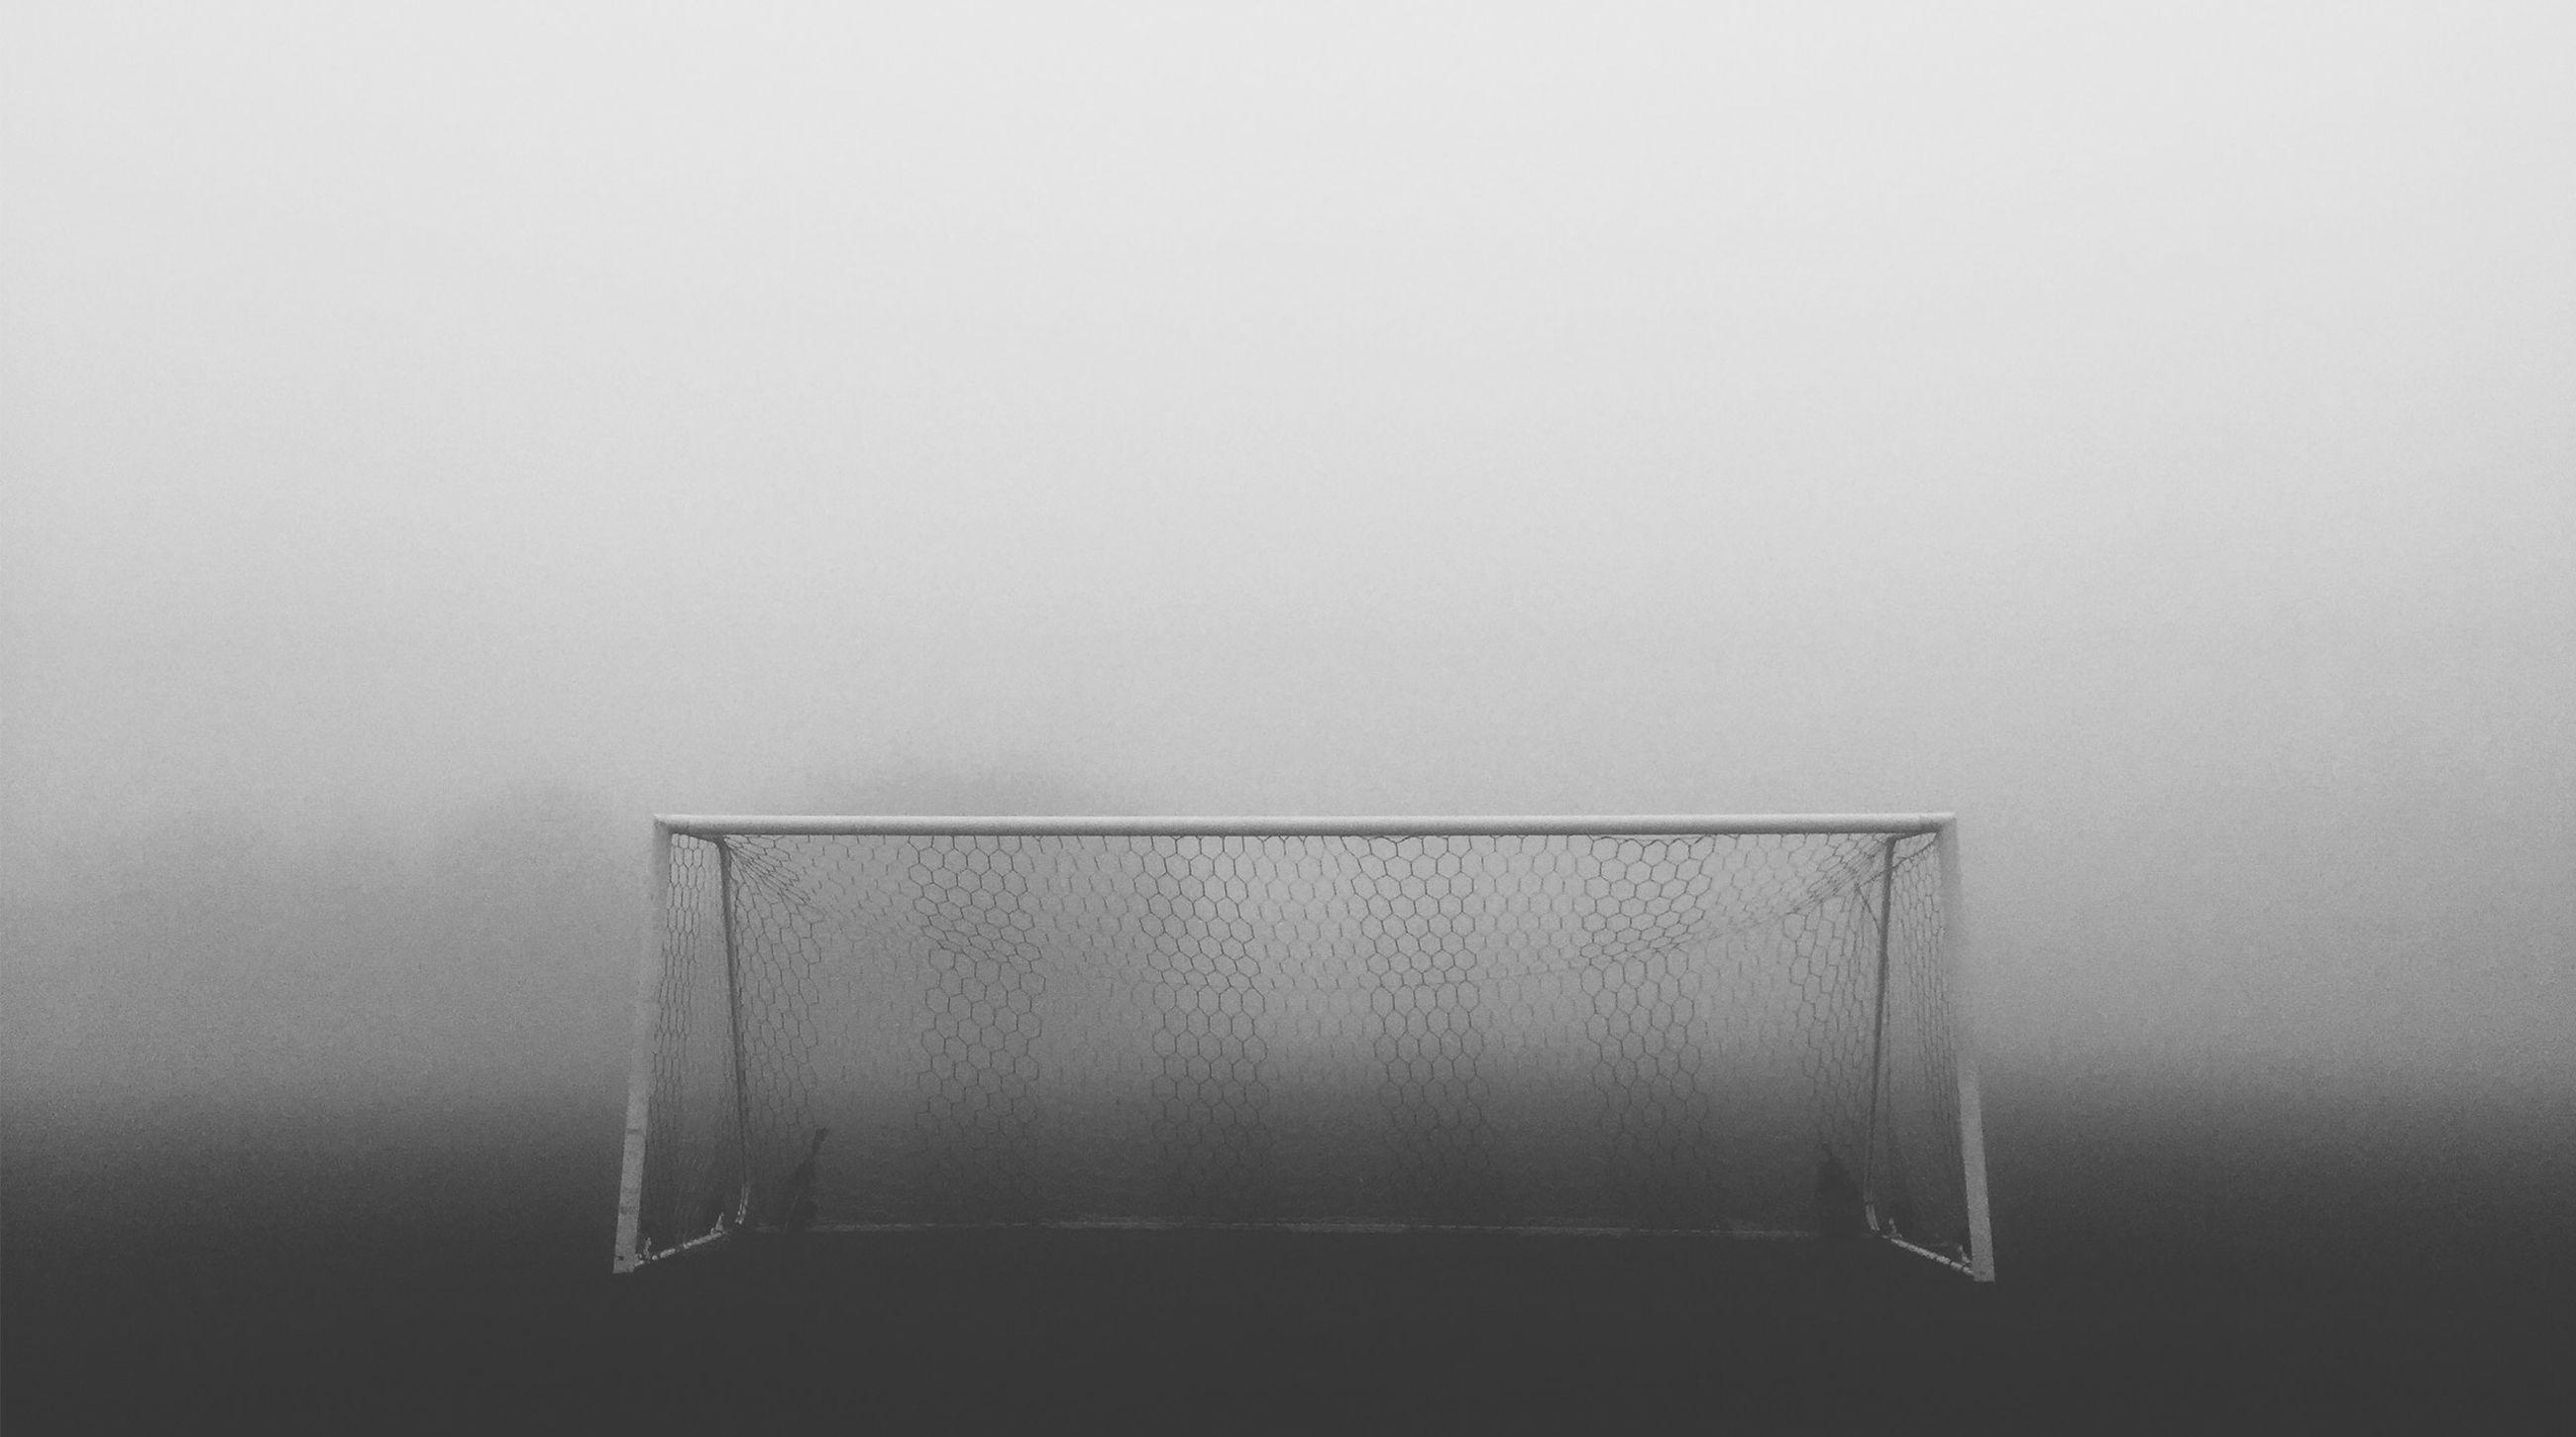 soccer goal for goal setting